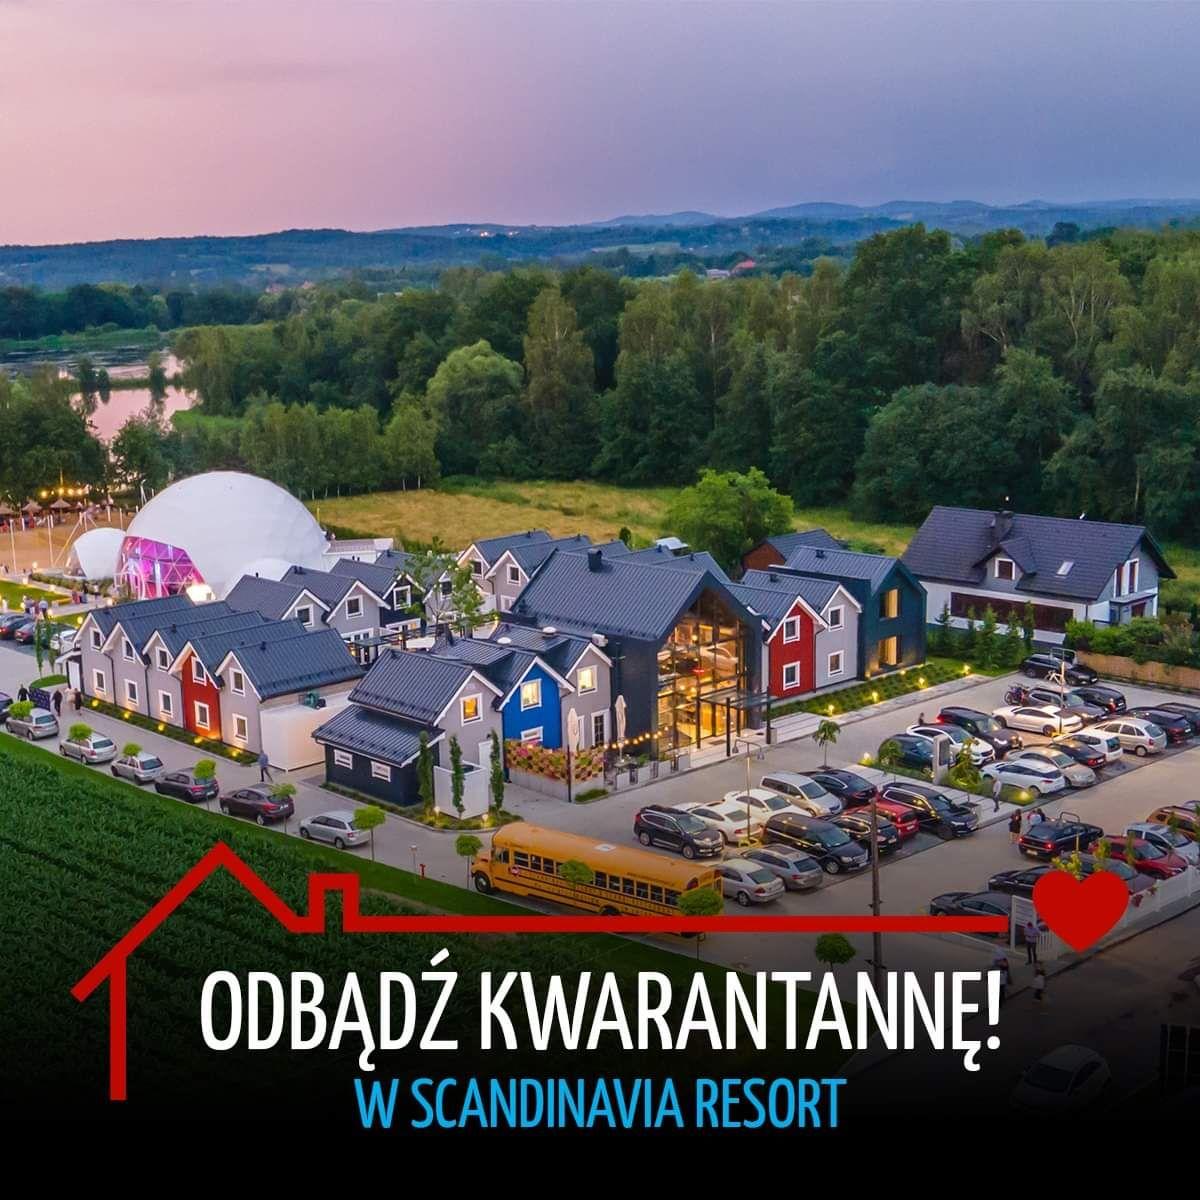 Odbądź kwarantannę w Scandinavia Resort [VIDEO]